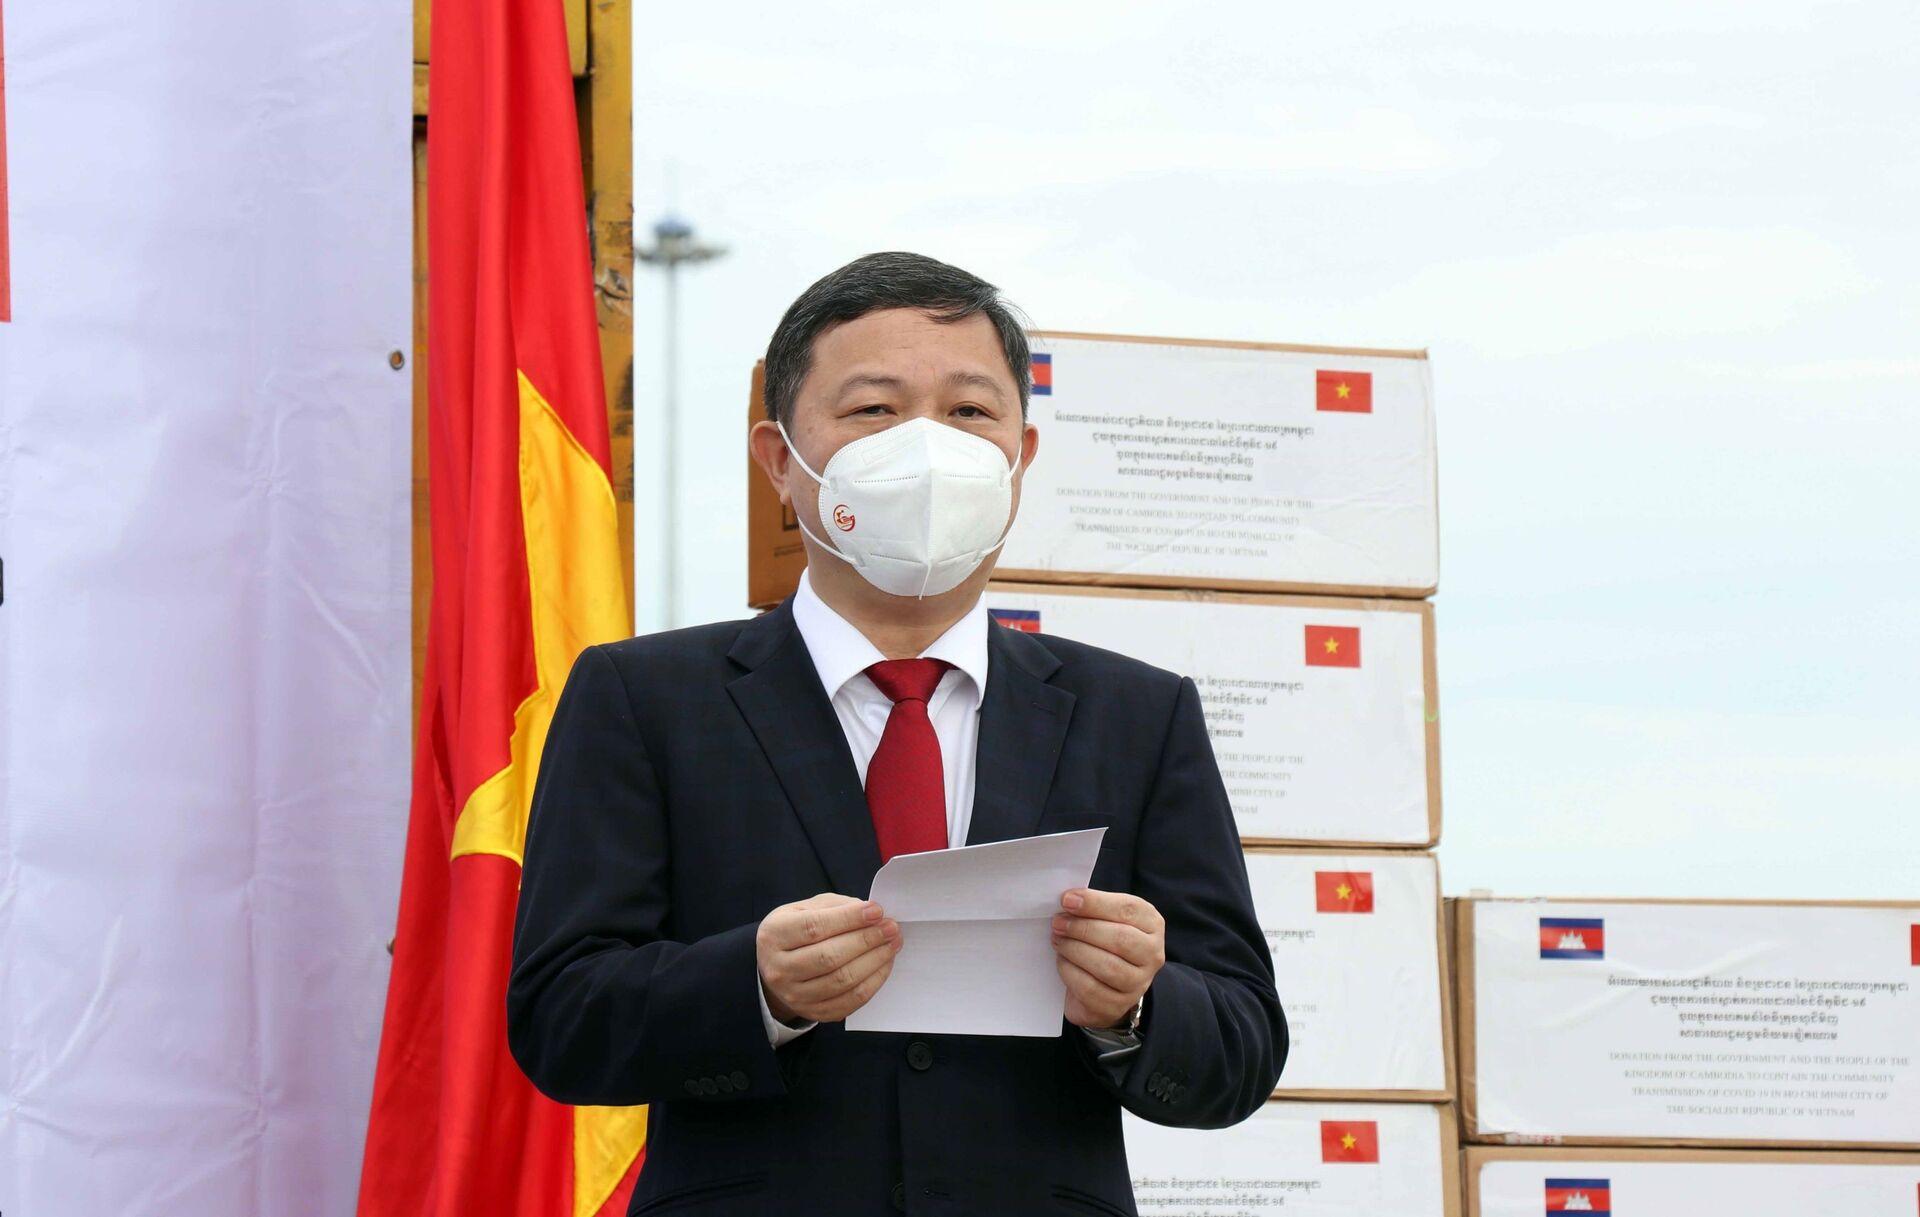 Ông Dương Anh Đức, Phó Chủ tịch Ủy ban nhân dân Thành phố Hồ Chí Minh phát biểu tại buổi lễ tiếp nhận hàng hỗ trợ công tác phòng, chống dịch COVID-19 của Chính phủ, nhân dân Campuchia. - Sputnik Việt Nam, 1920, 05.10.2021